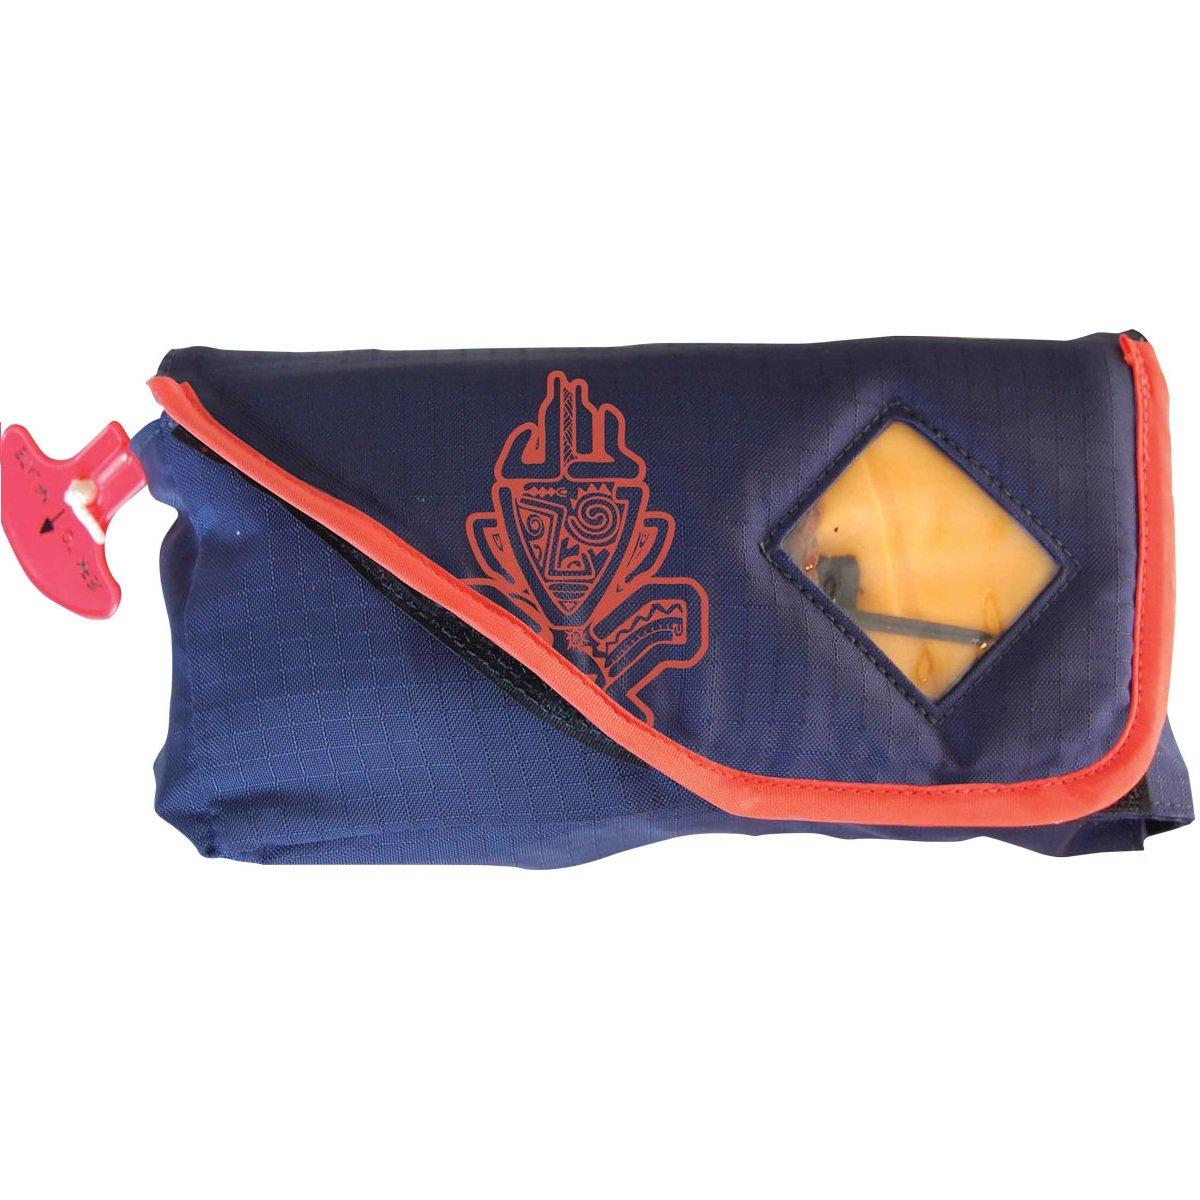 Starboard PFD Lifesaver belt vest